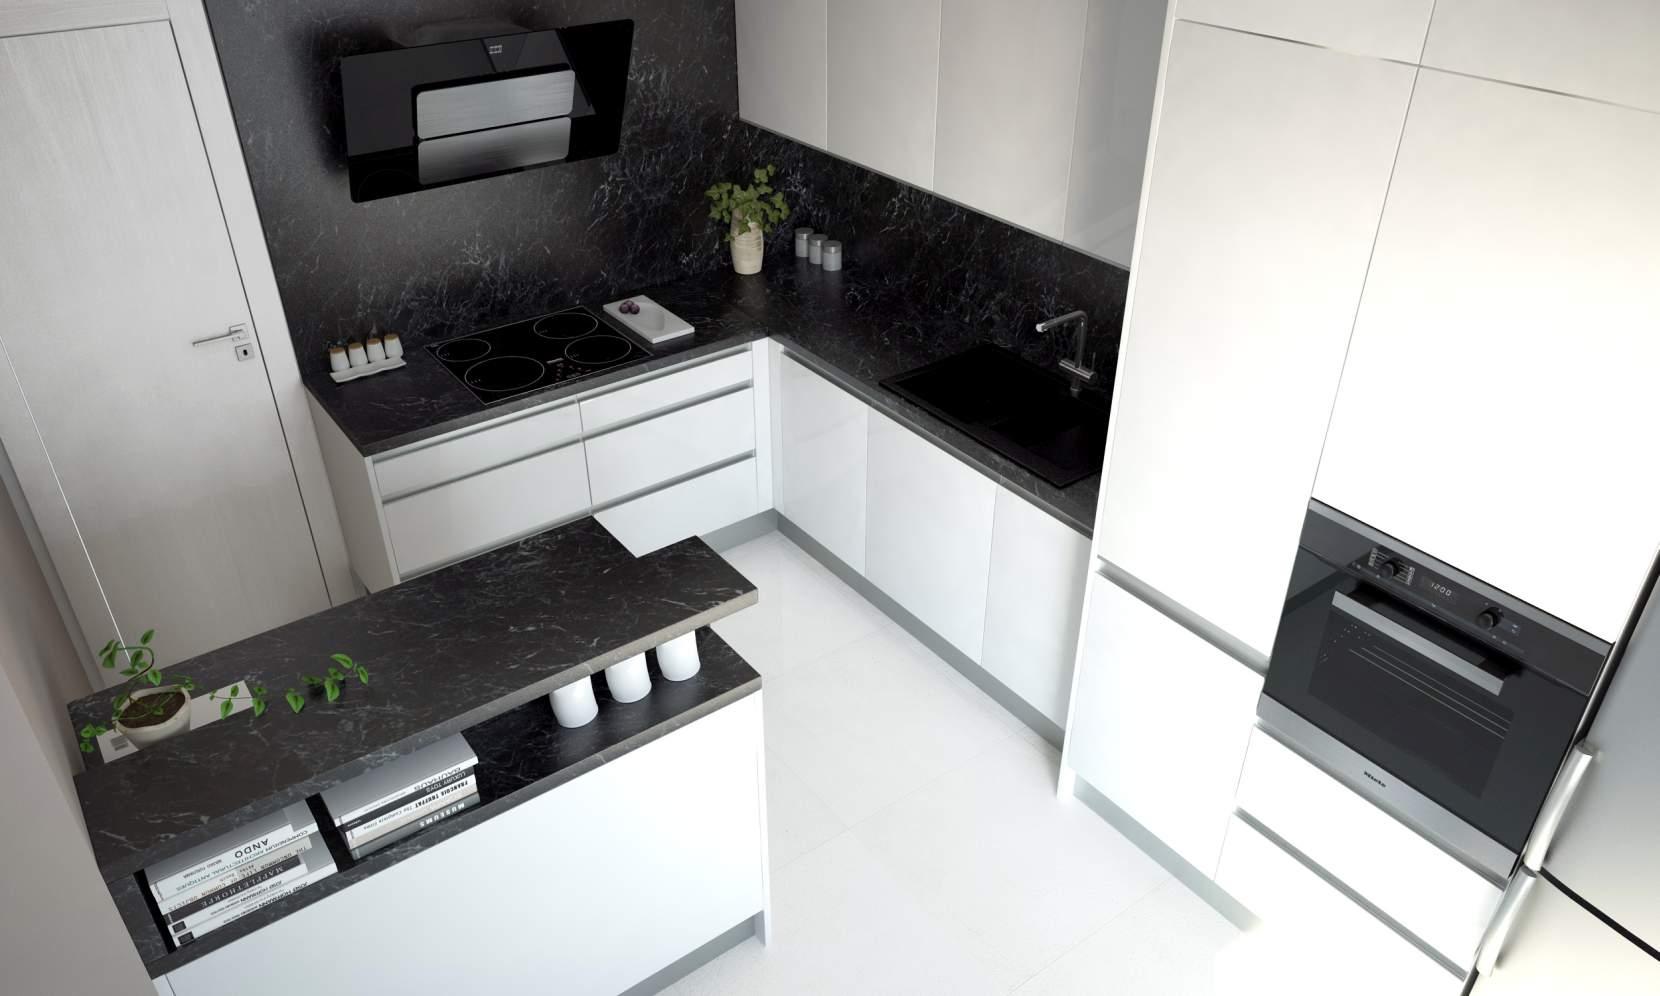 Kuchyne, skrine, postele, stoly, nábytok, pohovky, stoly, stoličky.